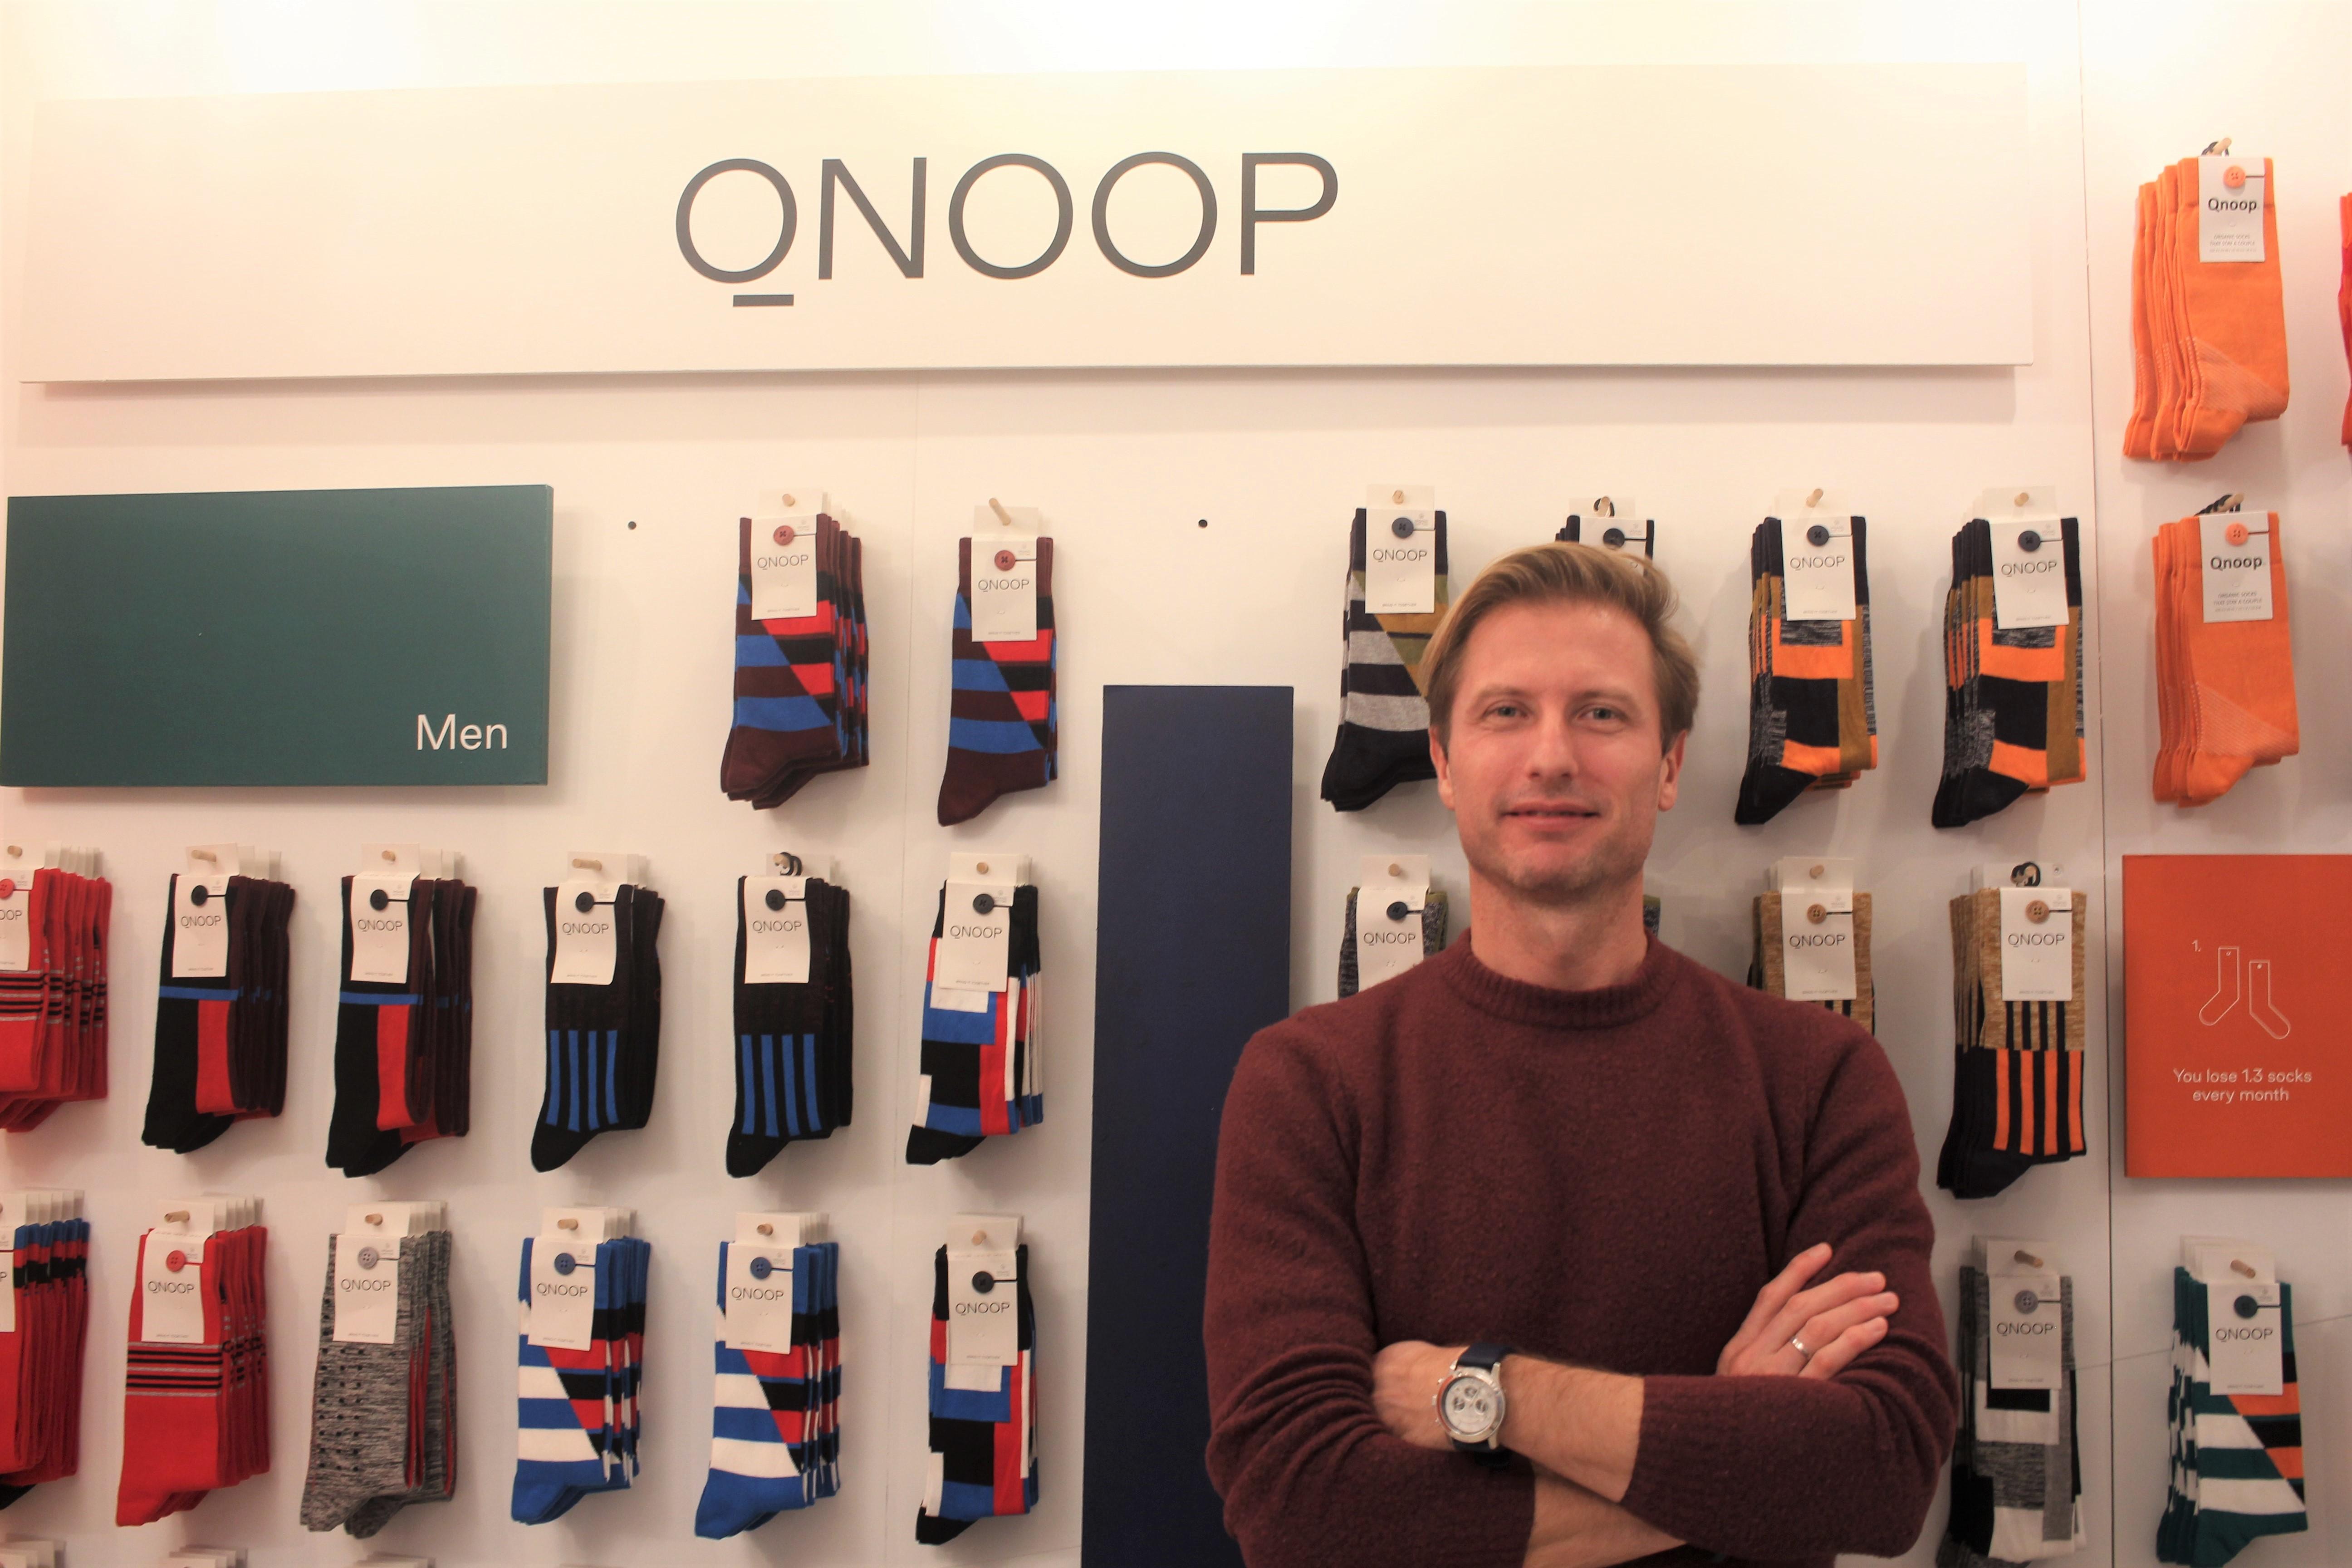 片方ない!をなくす靴下ブランド「Qnoop」